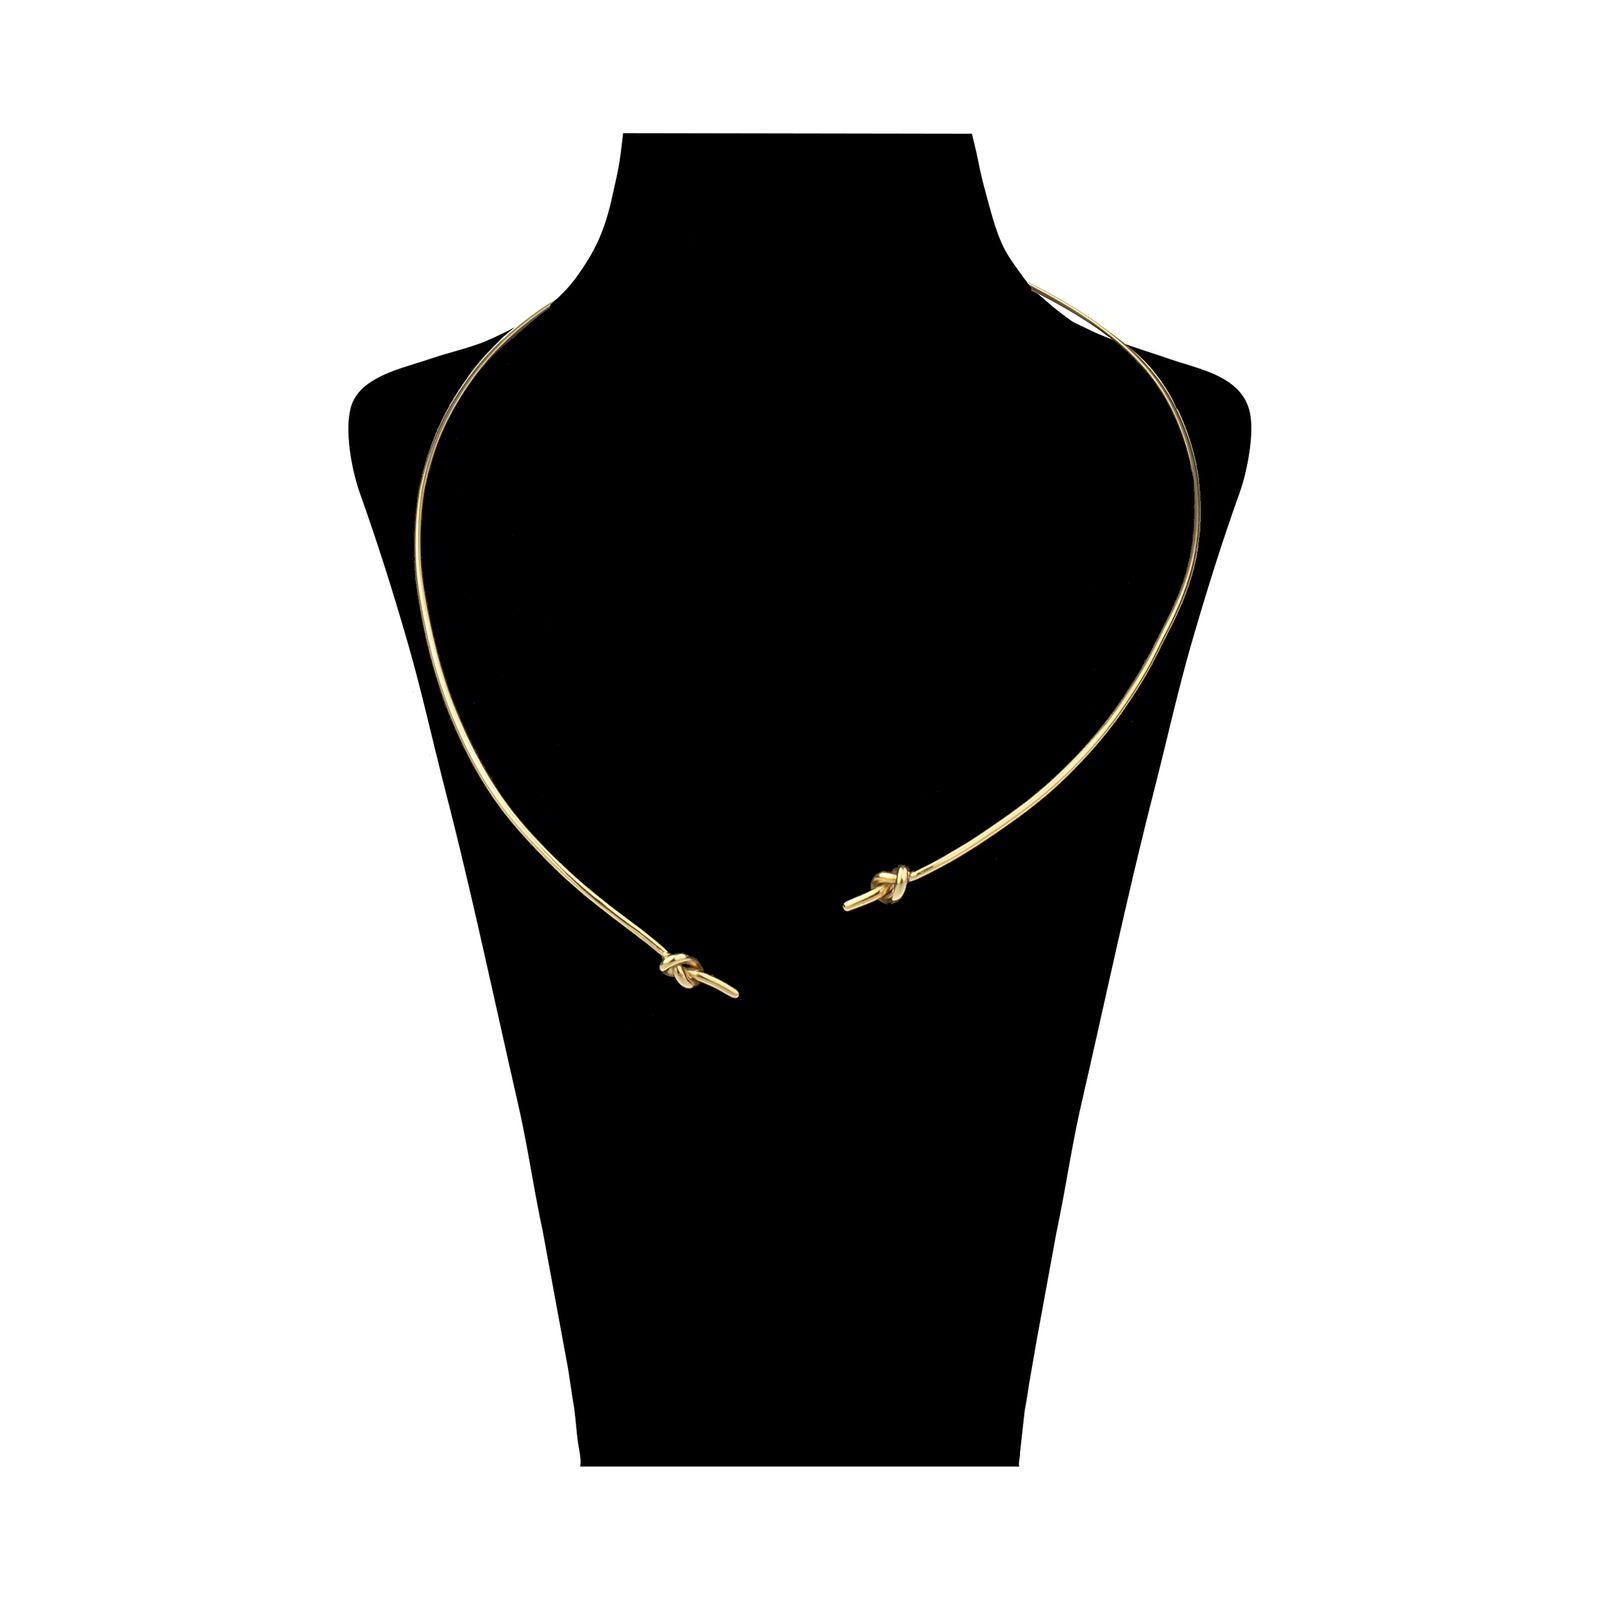 گردنبند طلا 18 عیار زنانه سنجاق مدل x026205 -  - 1